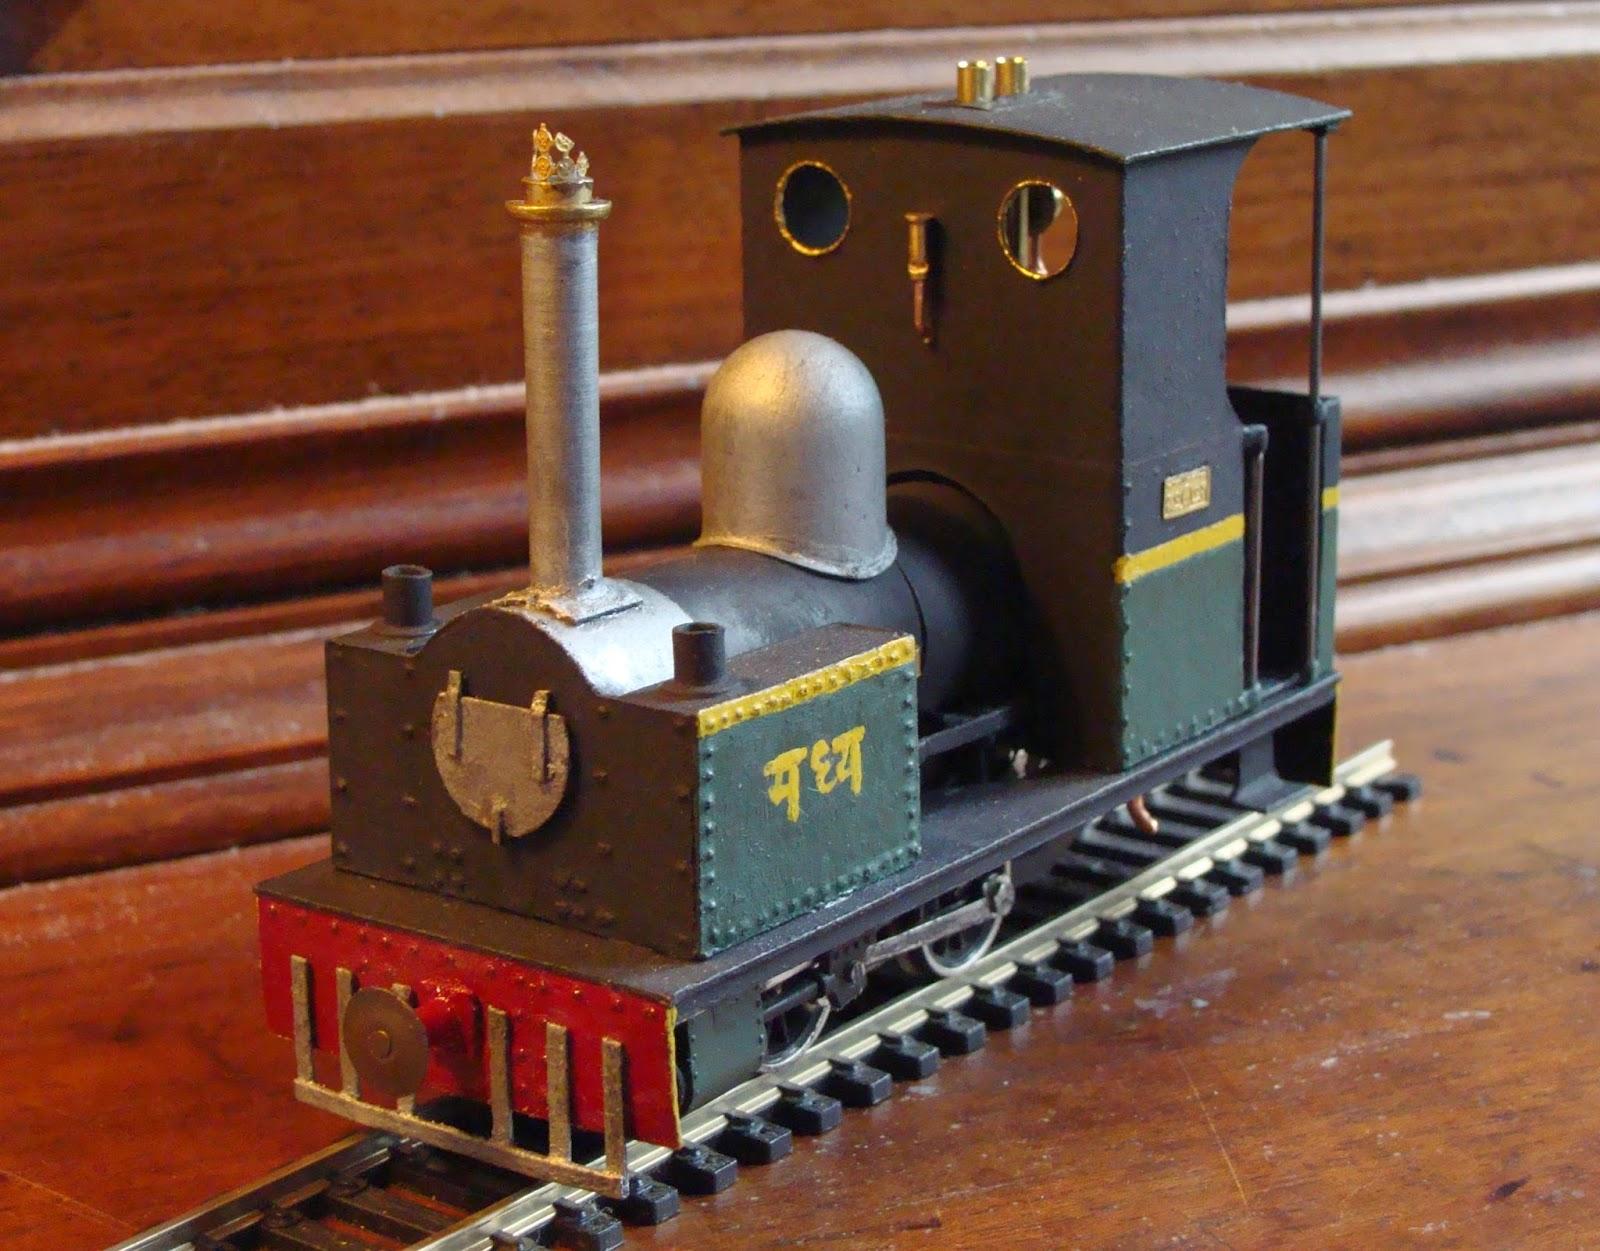 Connu Les petits trains en carton de Jean-Baptiste : De l'Or et du  JY74